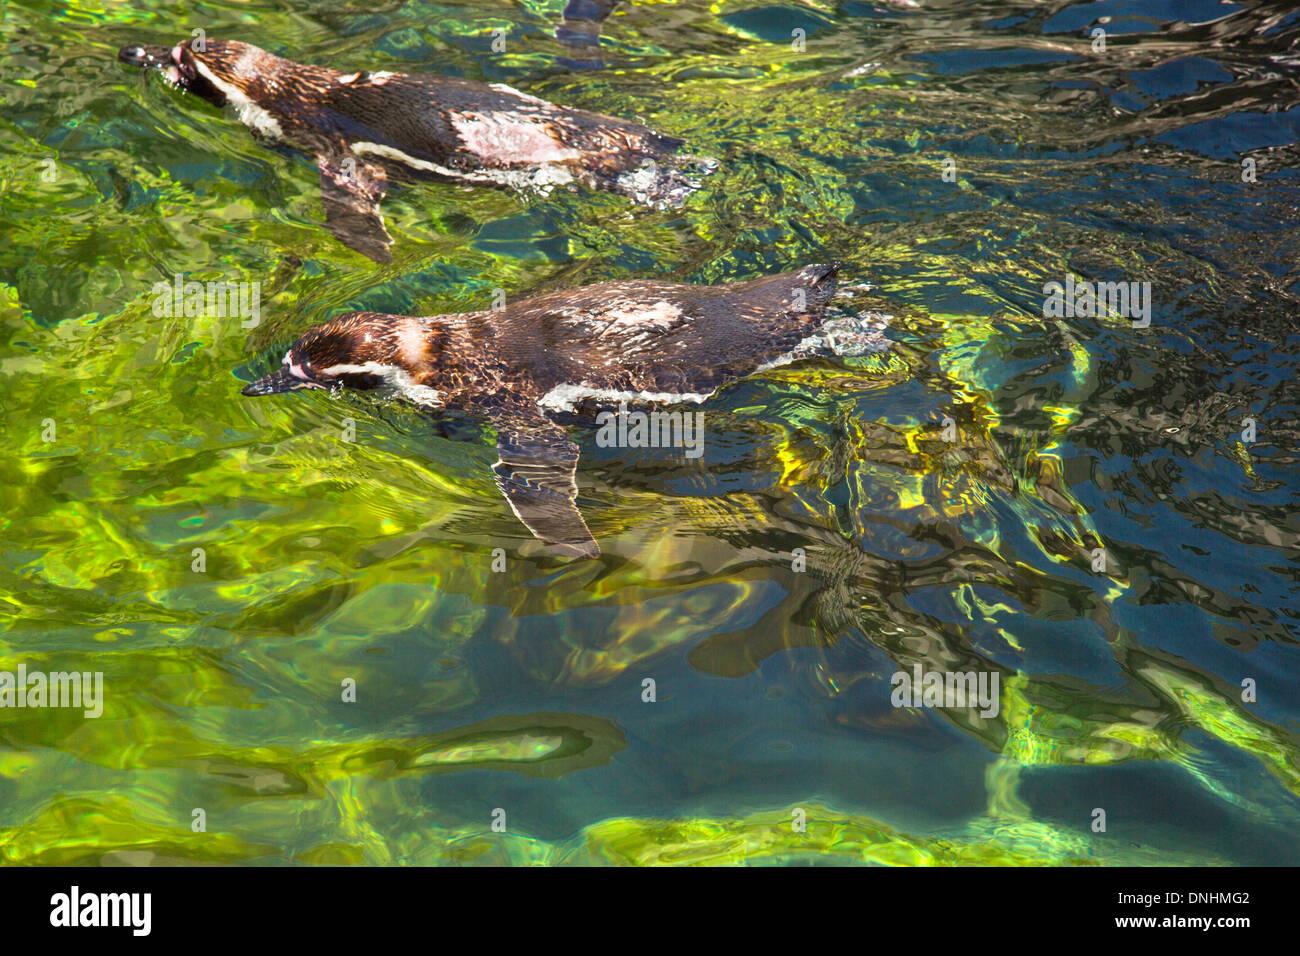 Erhöhte Ansicht der Humboldt-Pinguine (Spheniscus Humboldt) Schwimmen im Teich, Zoo von Barcelona, Barcelona, Katalonien, Spanien Stockfoto